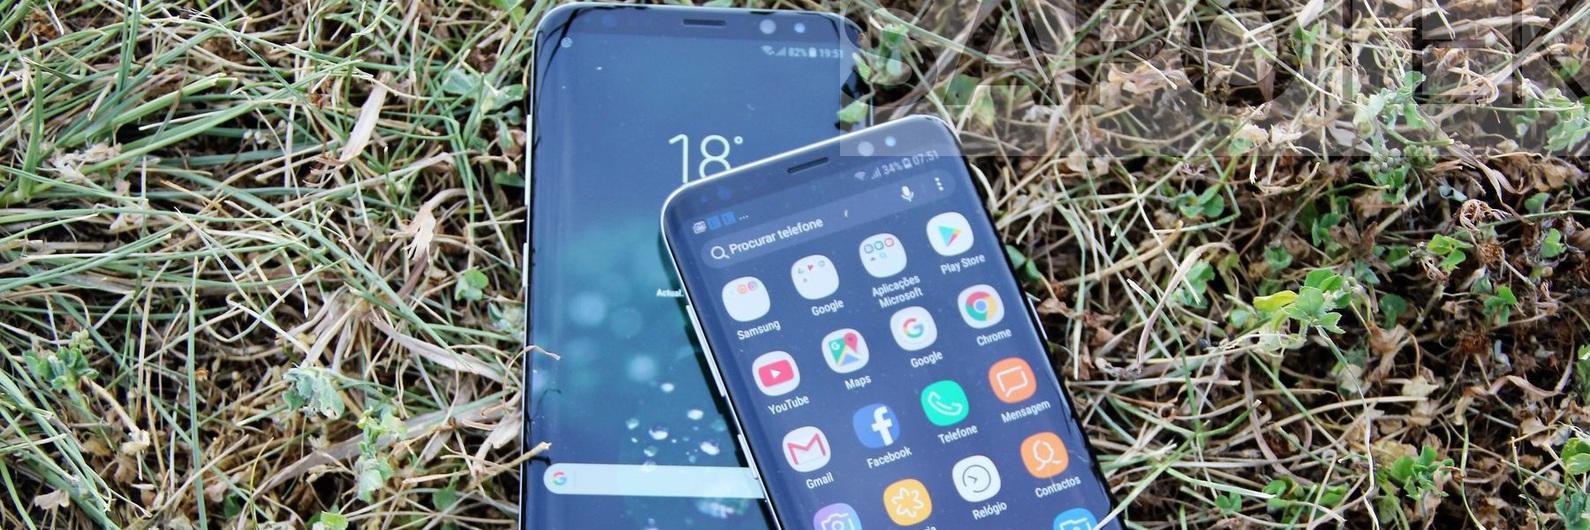 Análise TeK: Samsung S8 e S8+ são dois smartphones feitos para impressionar